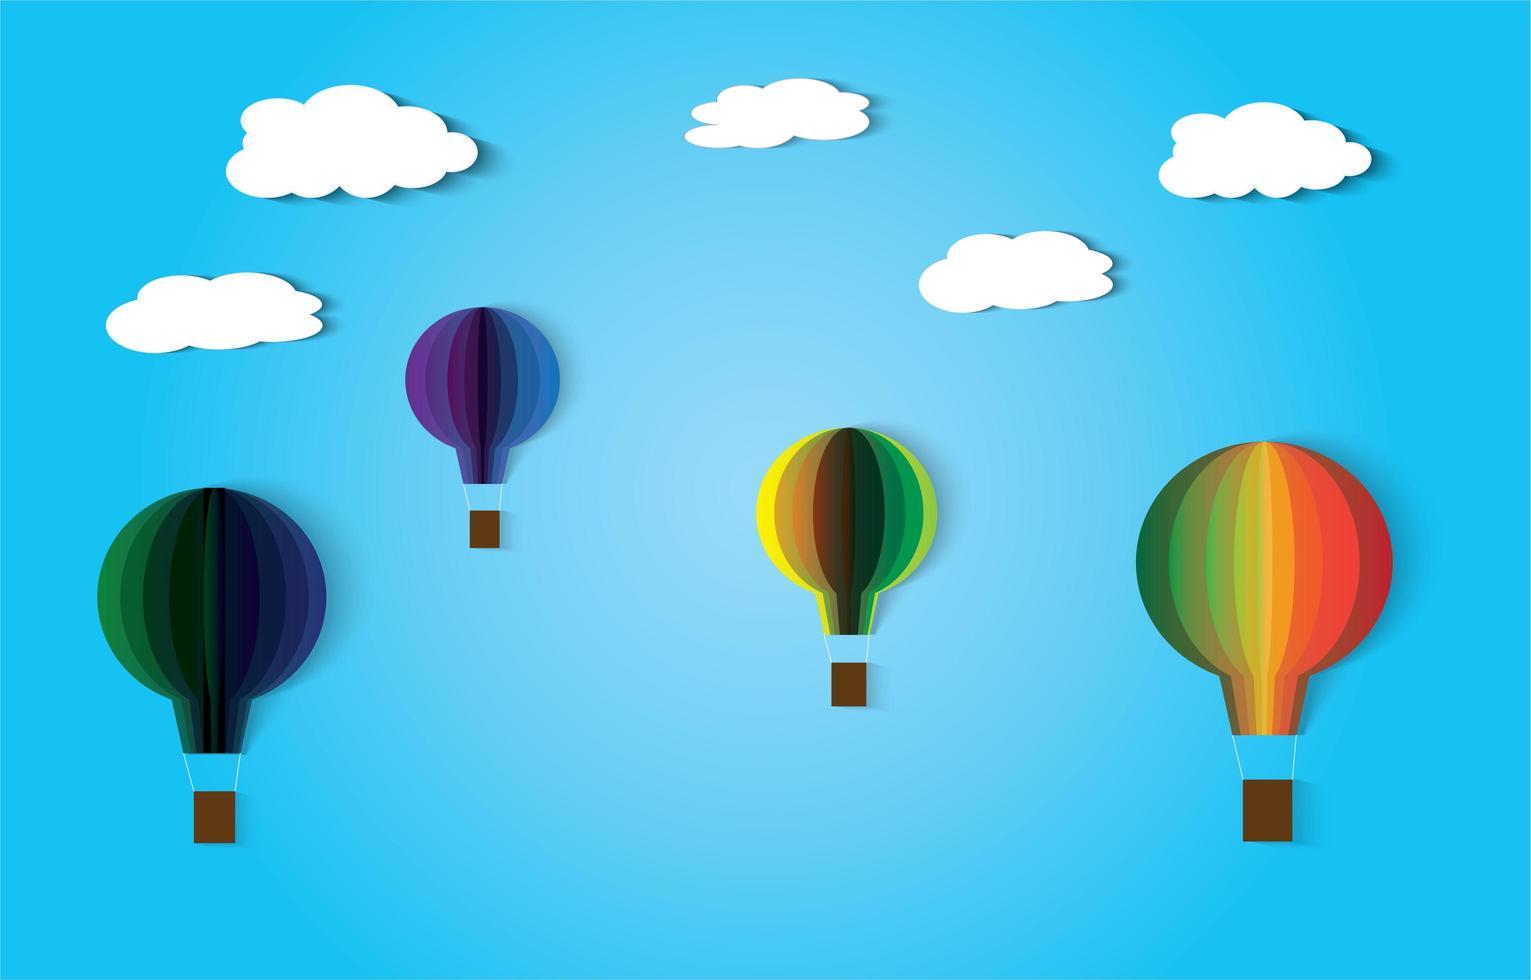 wolken en hete lucht ballonnen papier kunststijl ontwerp vector